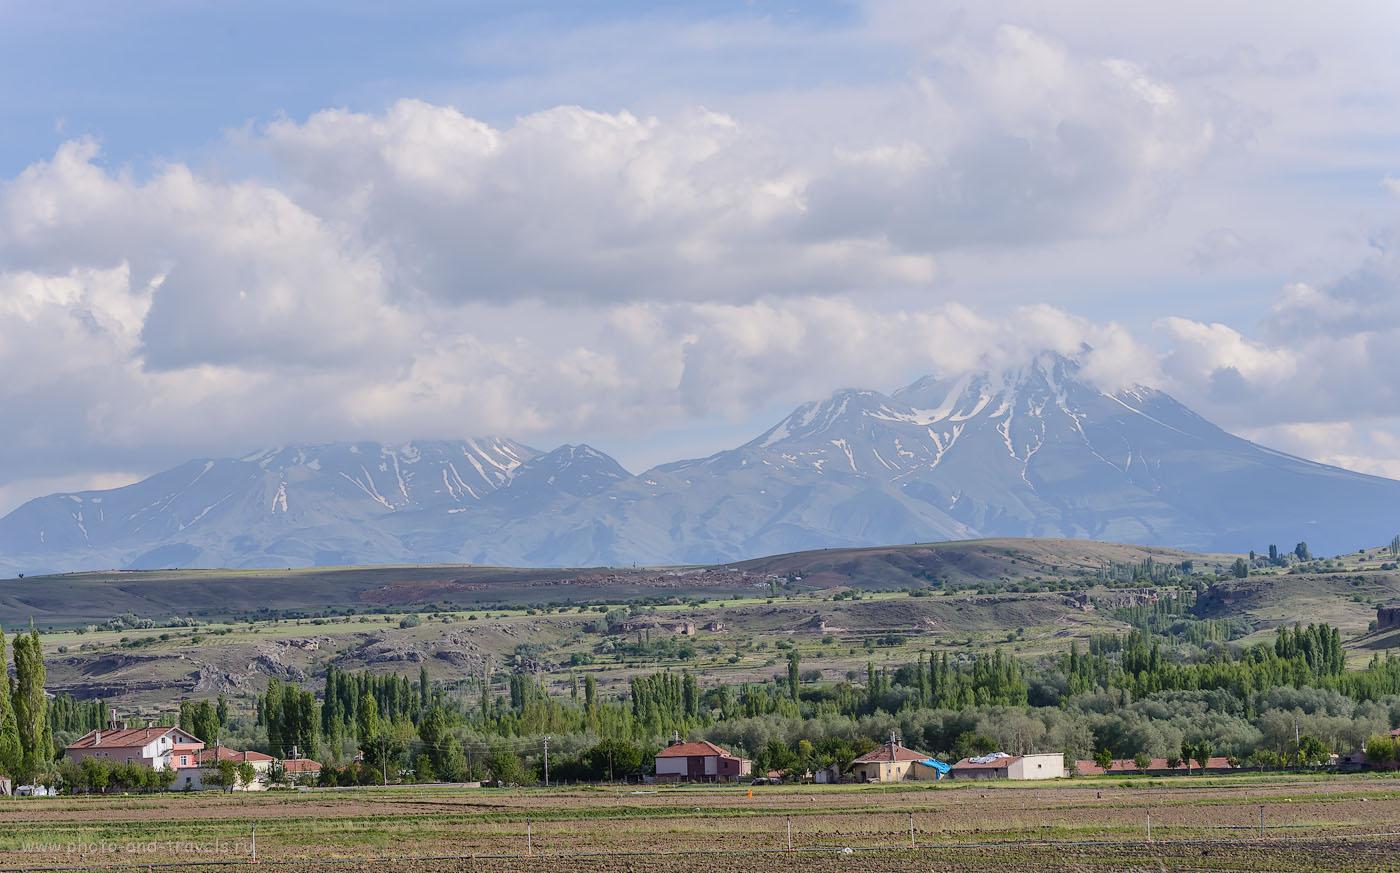 Снимок 20. Вулкан Хасандаг (Hasan Dağı) находится рядом с Долиной Ихлара в Каппадокии. Отдых в Турции, отзывы туристов из России. 1/320, +0.33, 8.0, 100, 92.